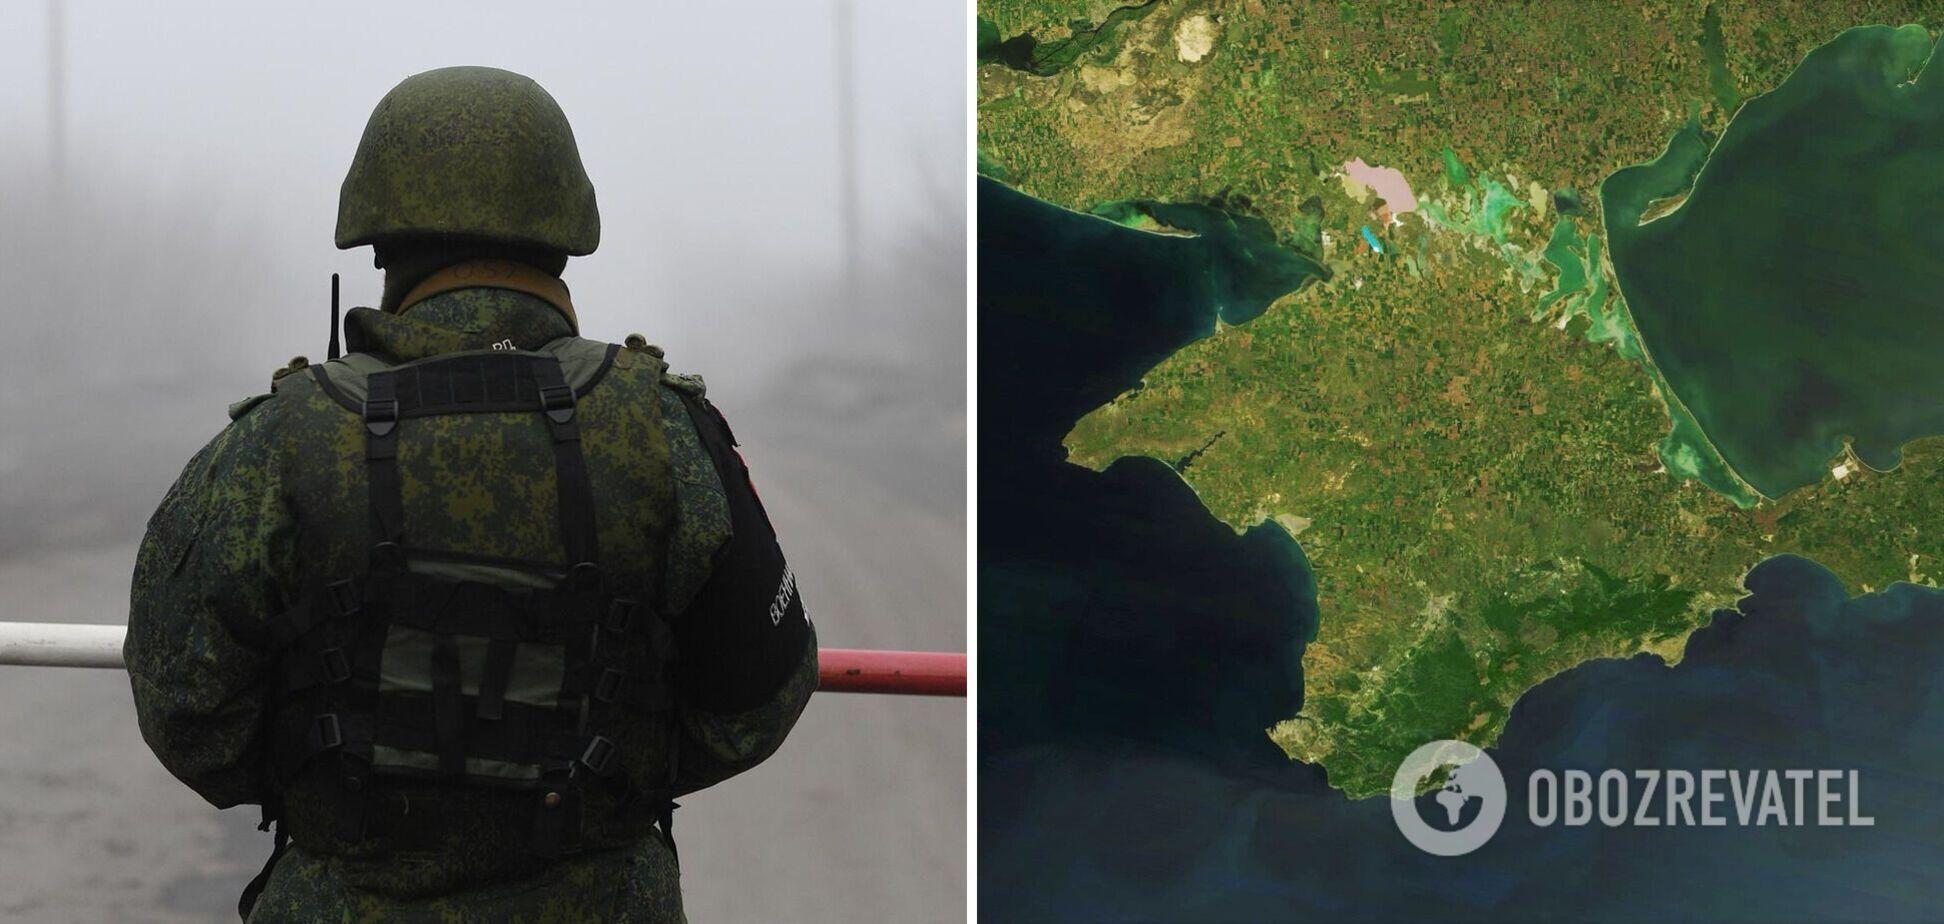 Понад 60% українців вважають Росію агресором і хочуть повернути Крим – опитування